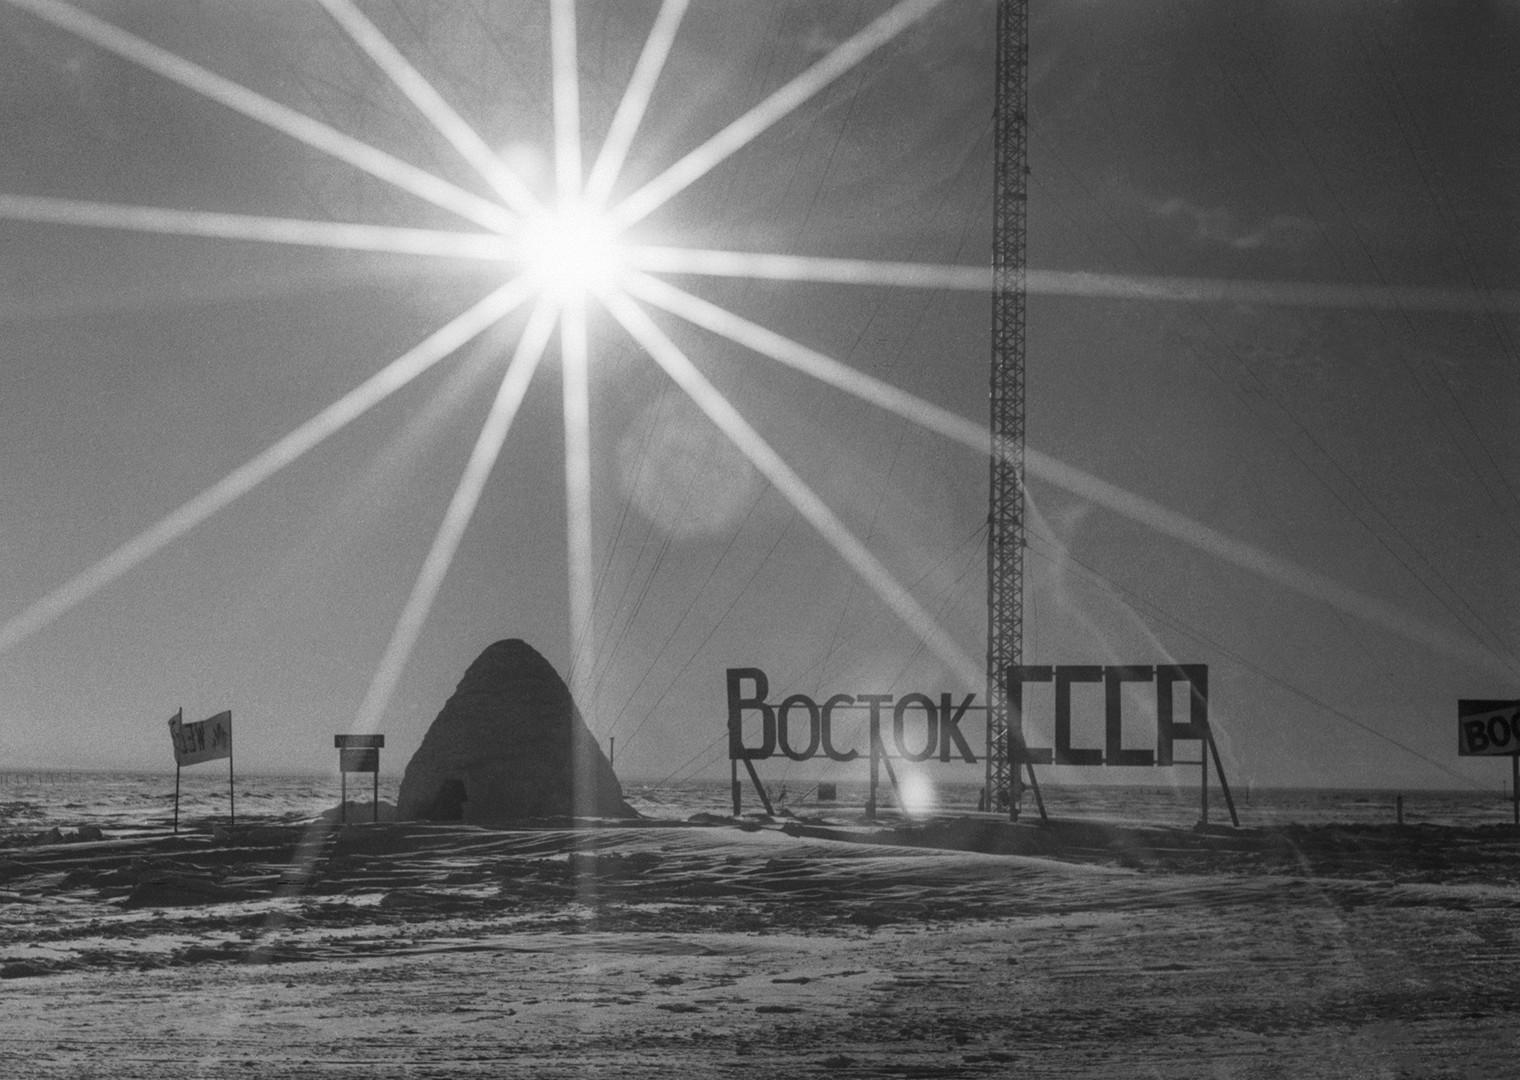 1994年、「ヴォストーク」基地